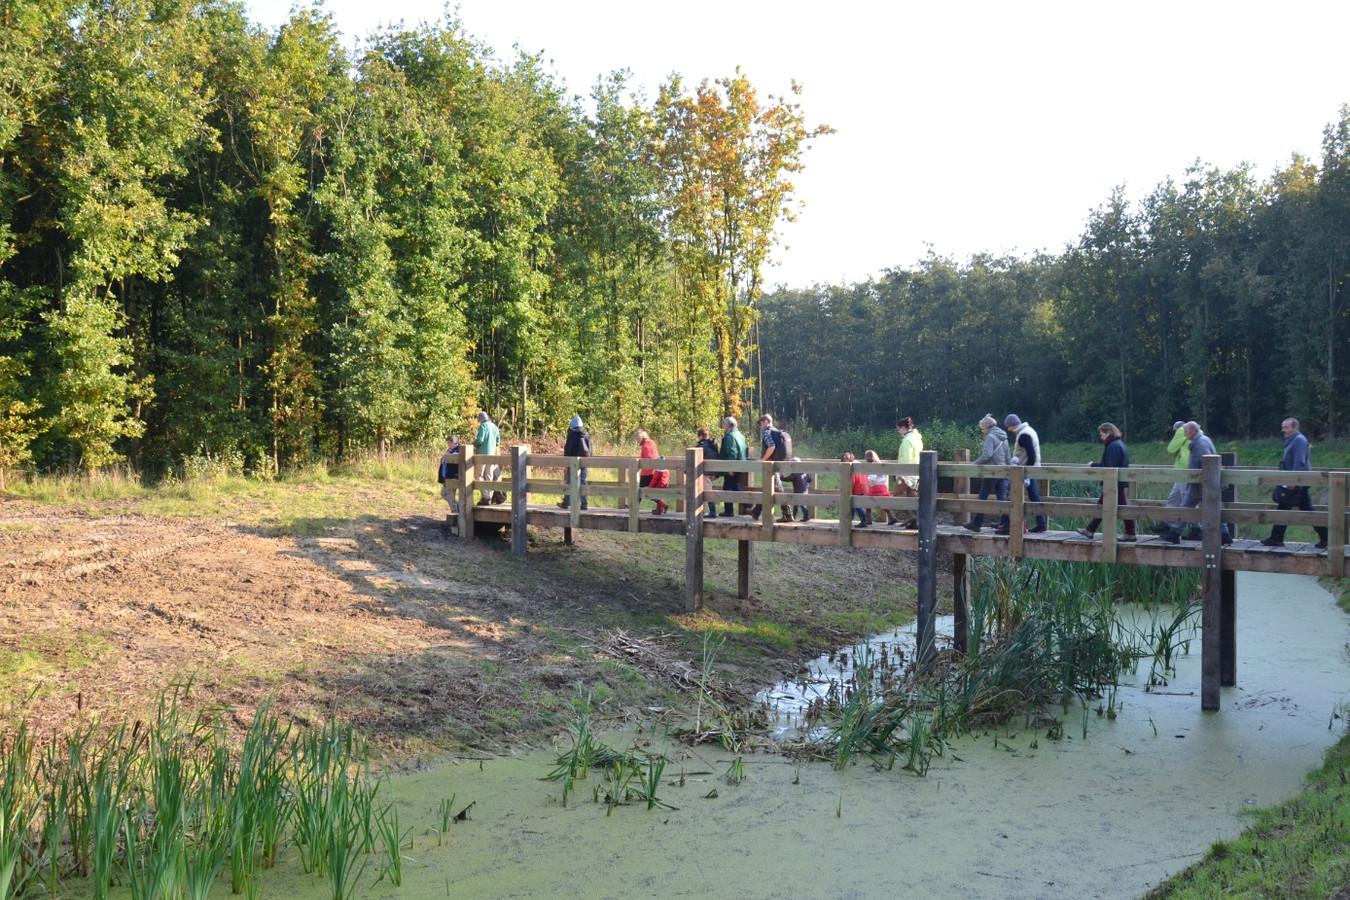 Tijdens het evenement 'Met grote goesting langs het water' kan je op  3 locaties, de Fintele, Elzendamme en het Eversambos (foto), deelnemen aan verschillende activiteiten voor groot en klein.